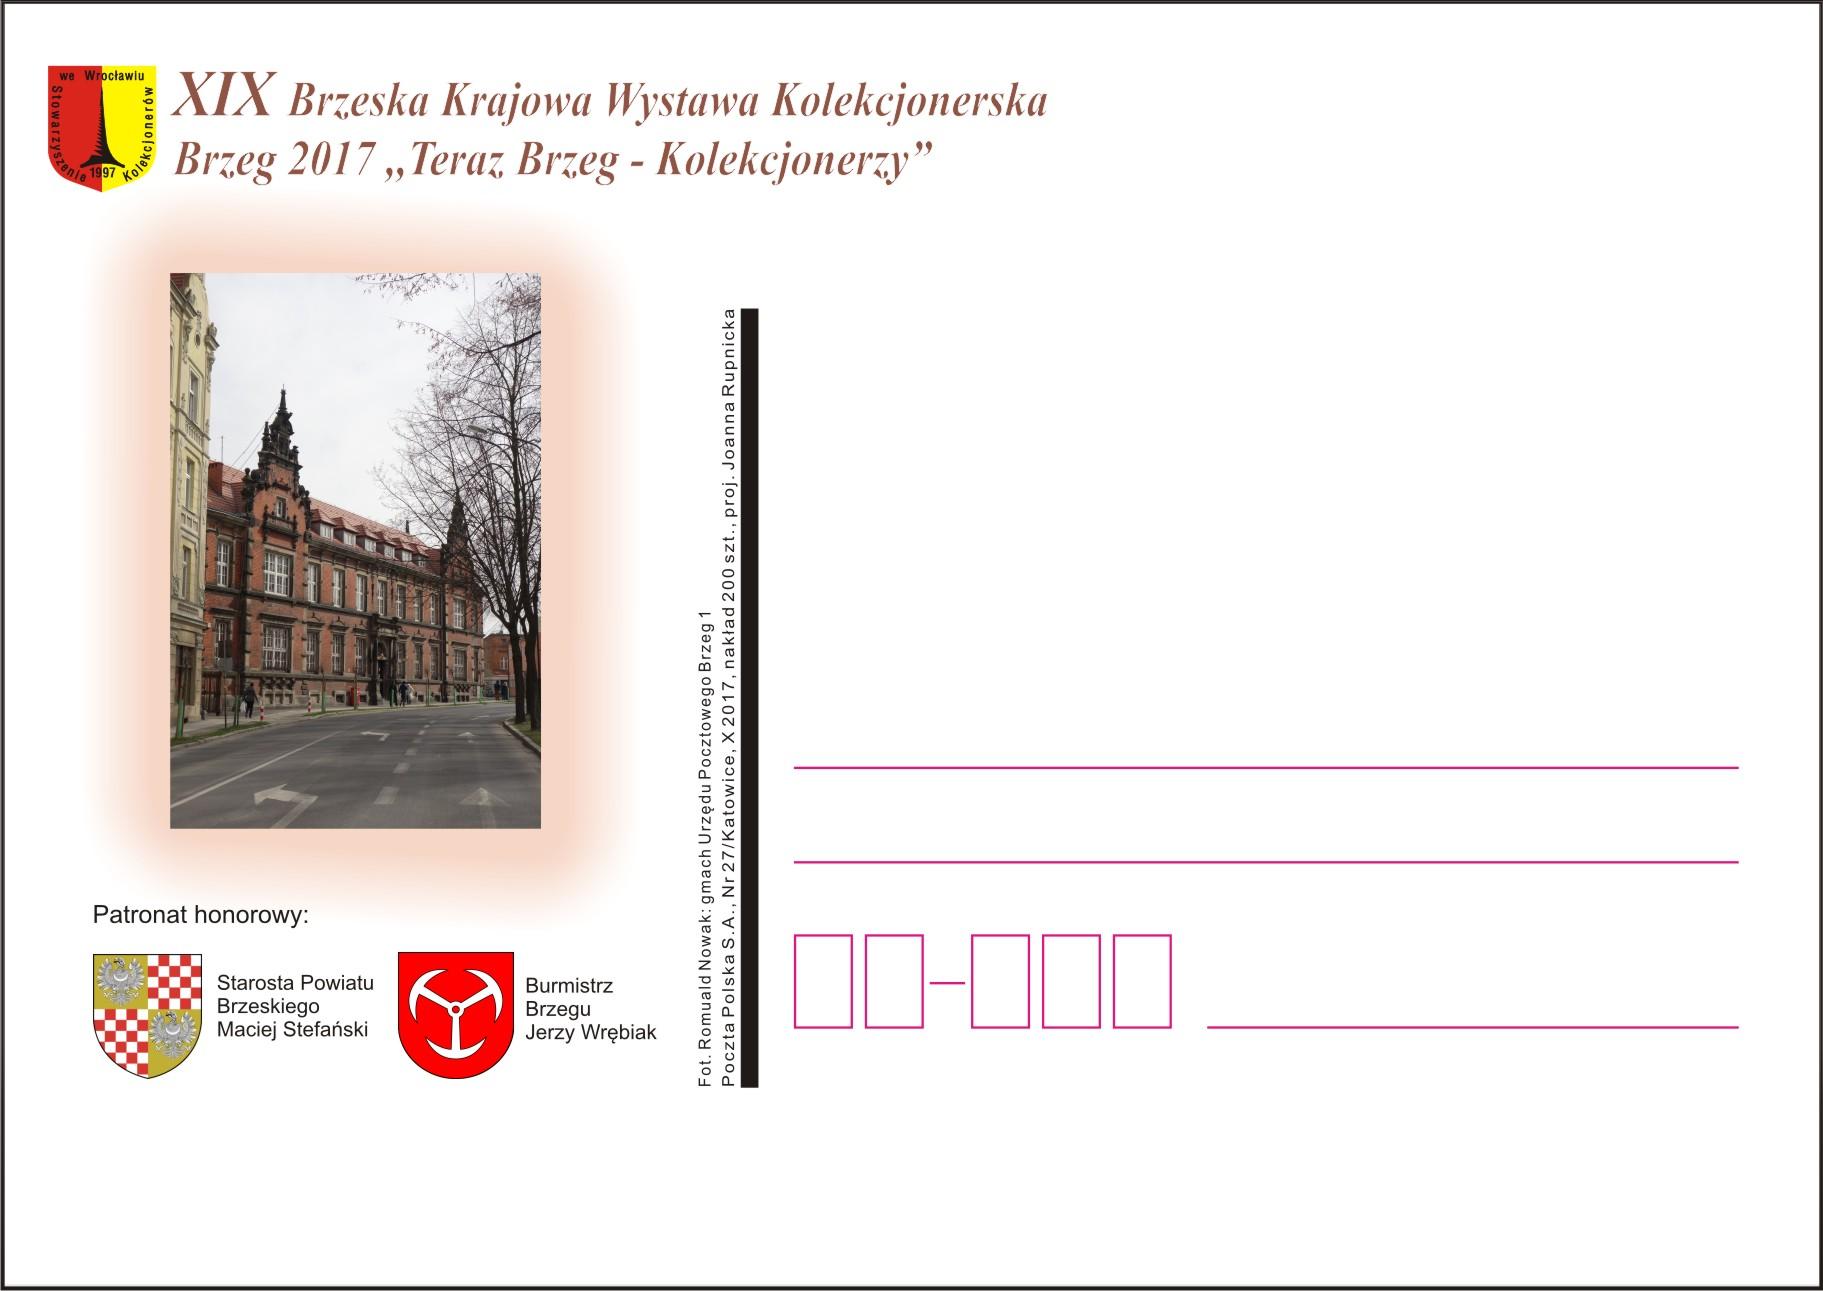 1. XIX Brzeska Krajowa Wystawa Kolekcjonerska krzywe 1